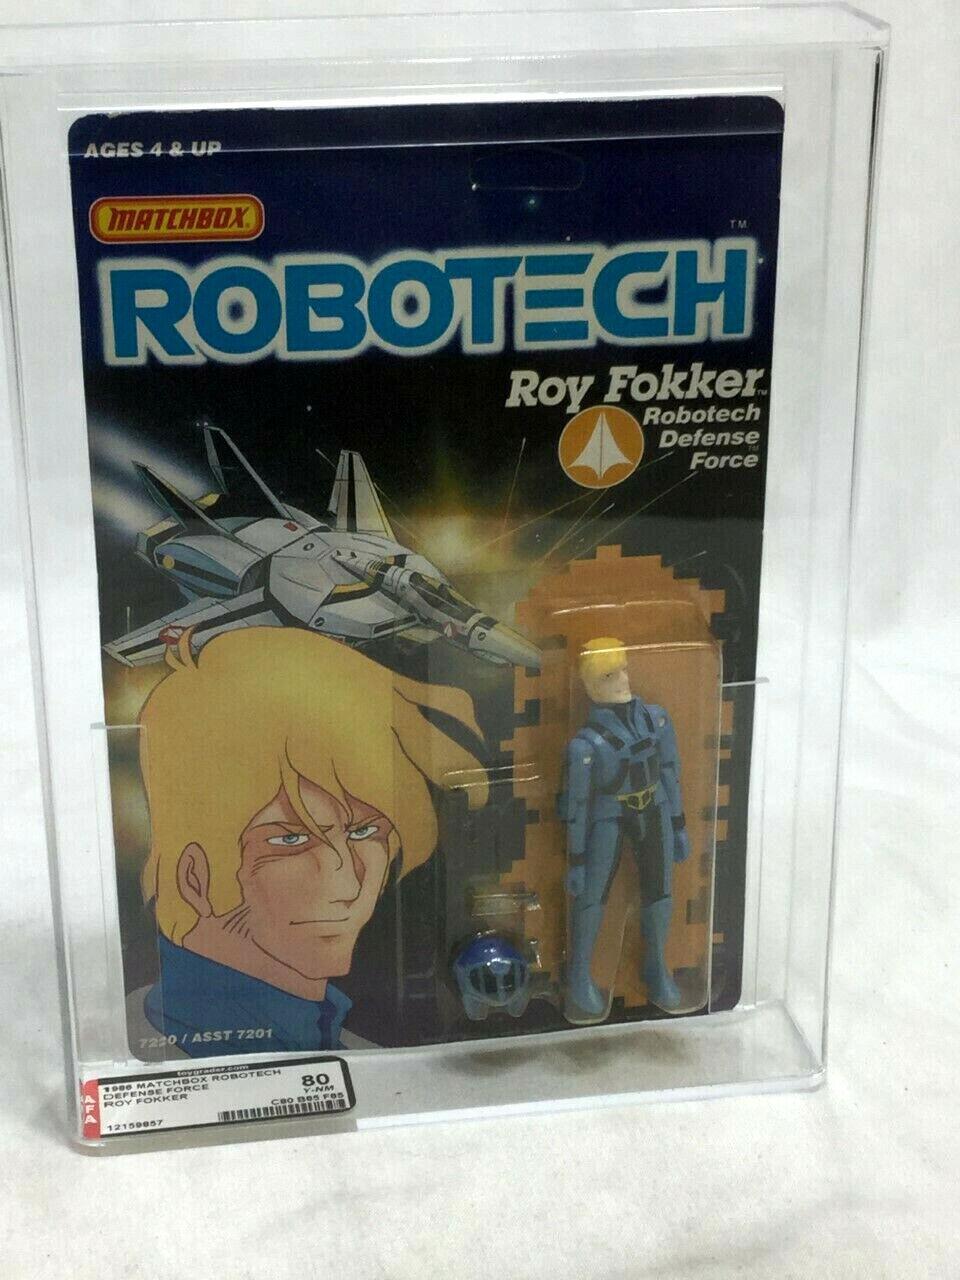 1986 Vintage Matchbox Robotech Roy Fokker figura menta en tarjeta sellada Cochedada autoridad Figura de Acción 85 Como Nuevo